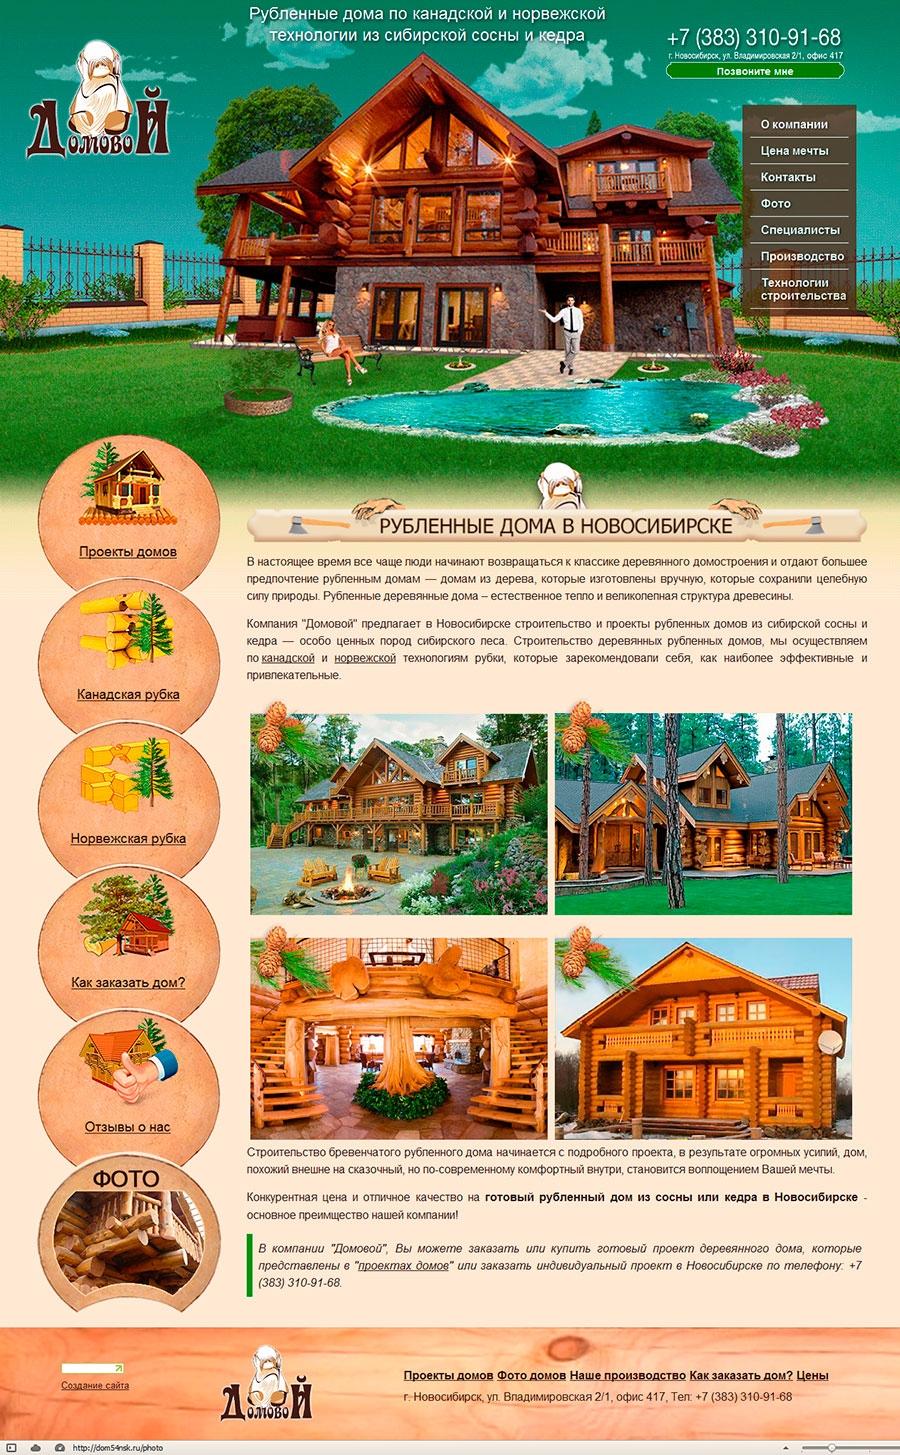 Домовой - рубленные дома из сосны и кедра в Новосибирске